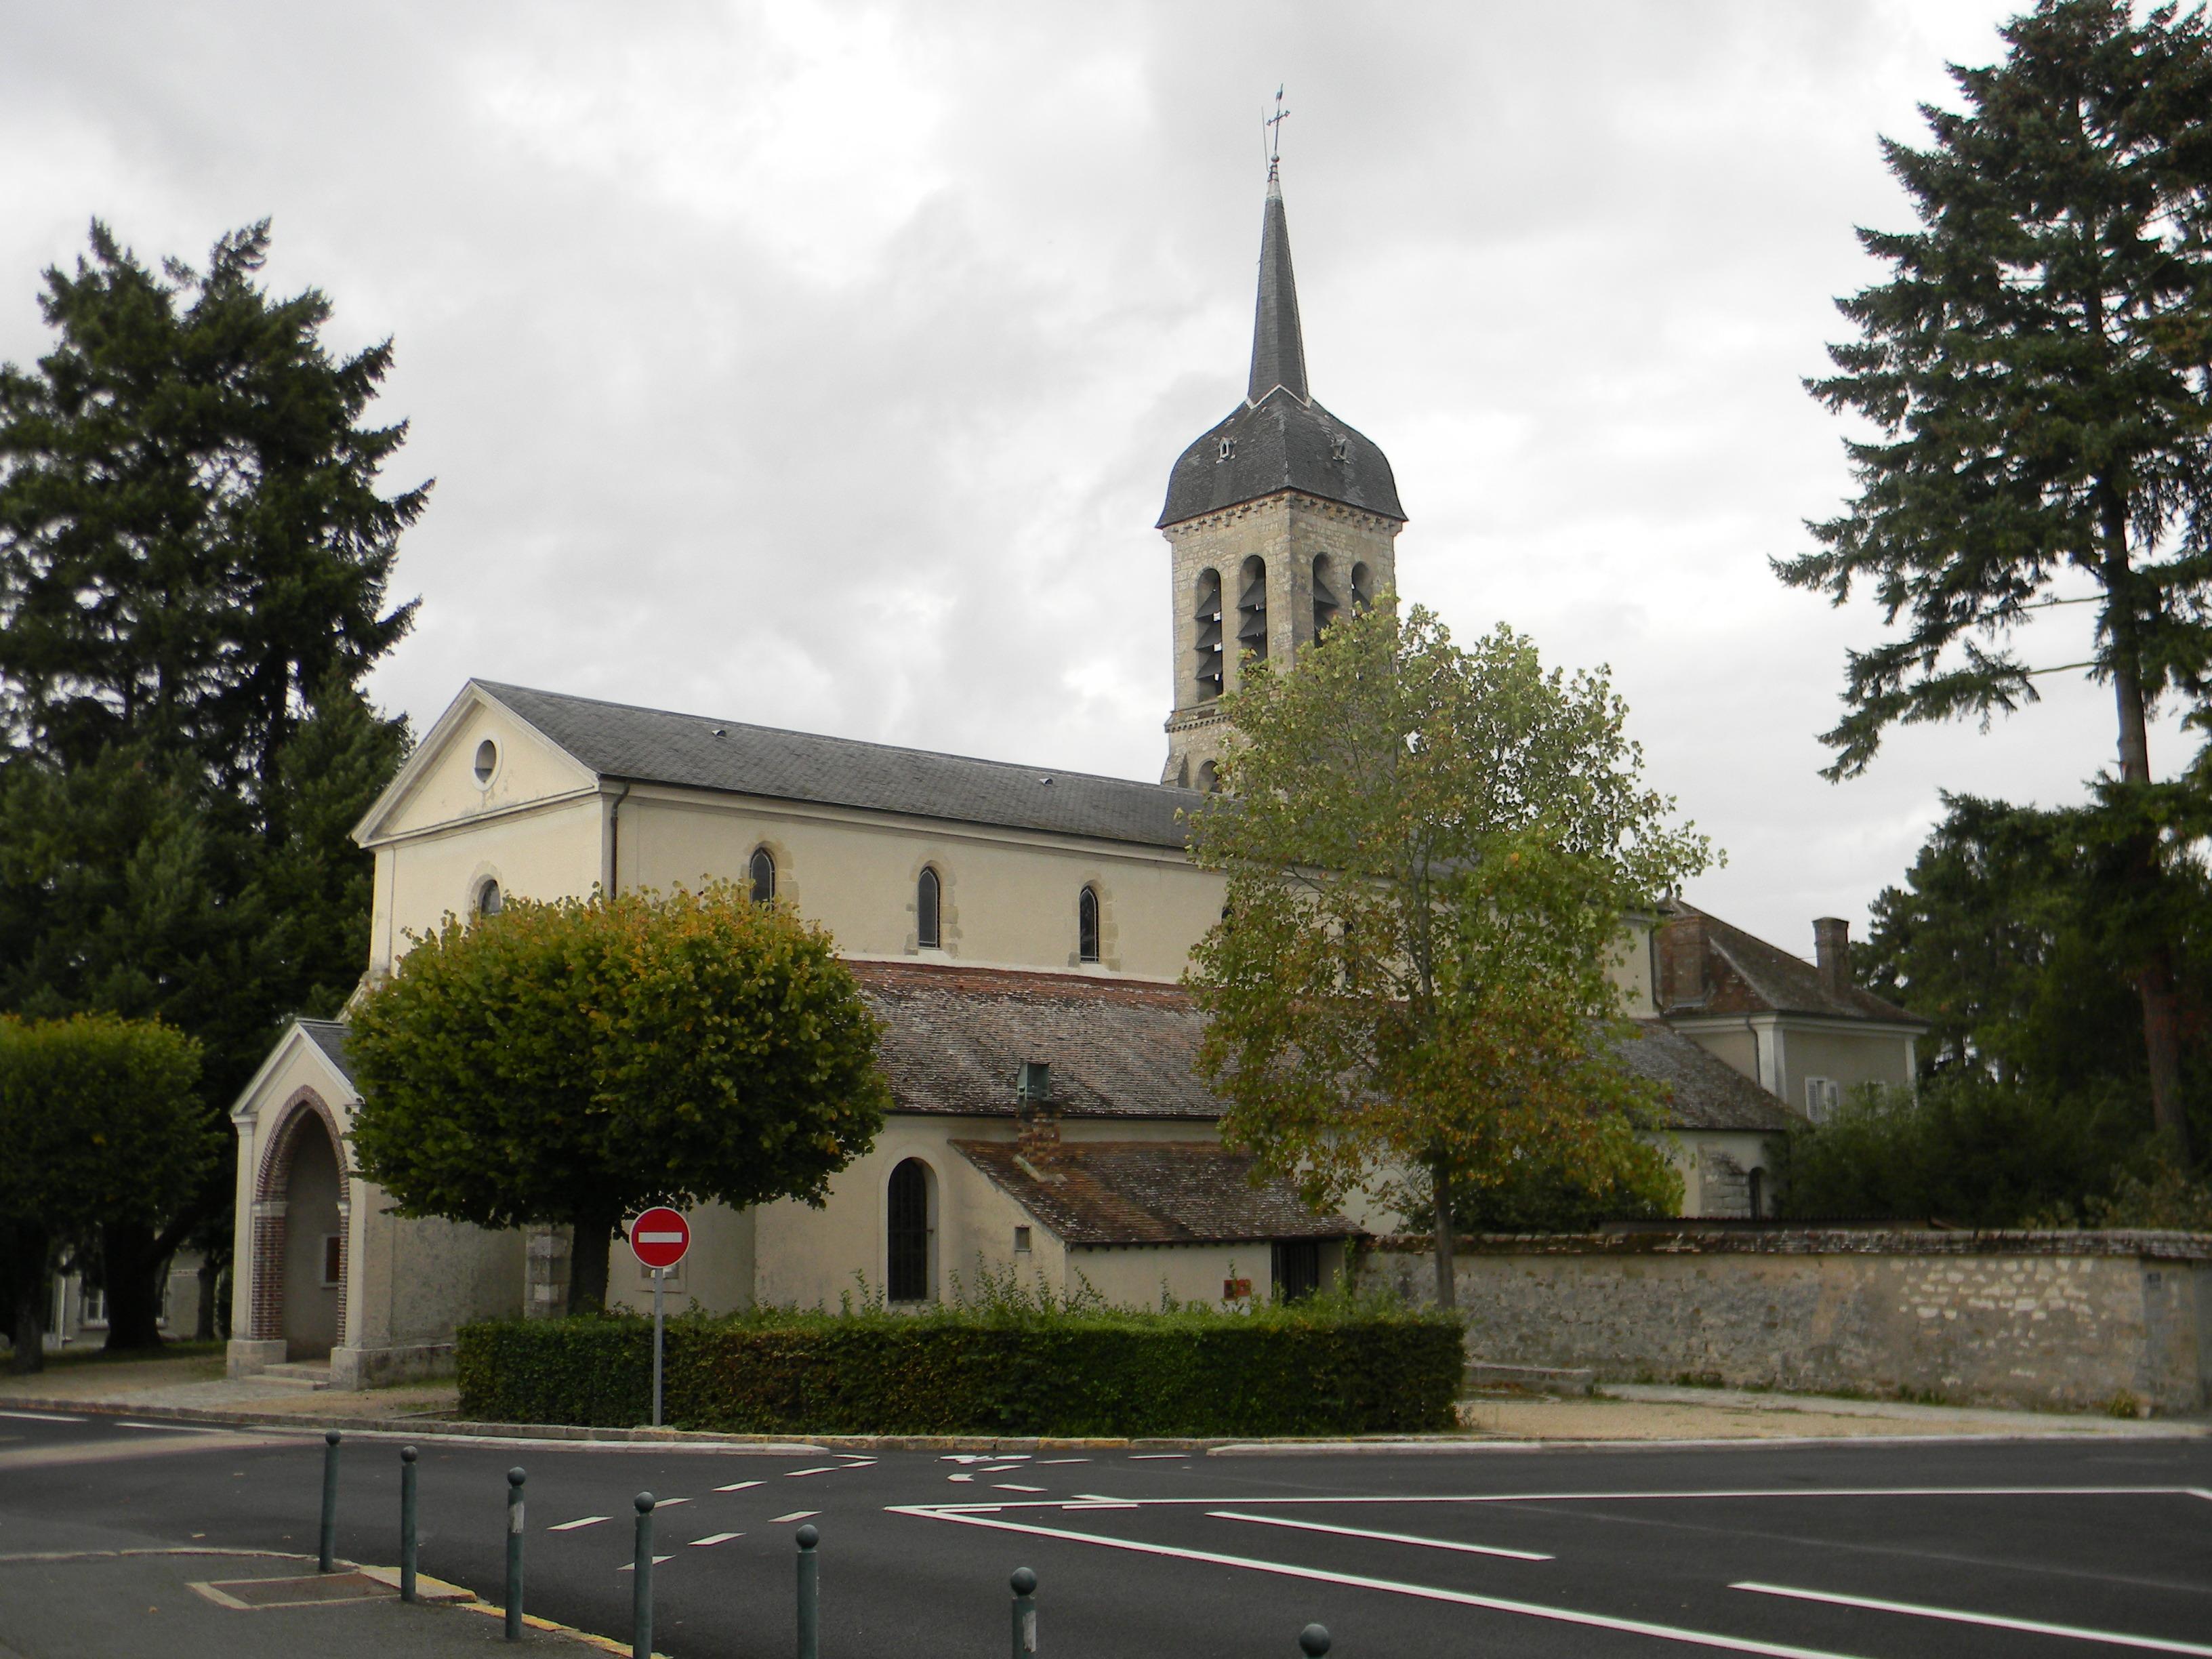 FichierÉglise Saint Pierre de Bois le Roi jpg u2014 Wikipédia # Triathlon Bois Le Roi